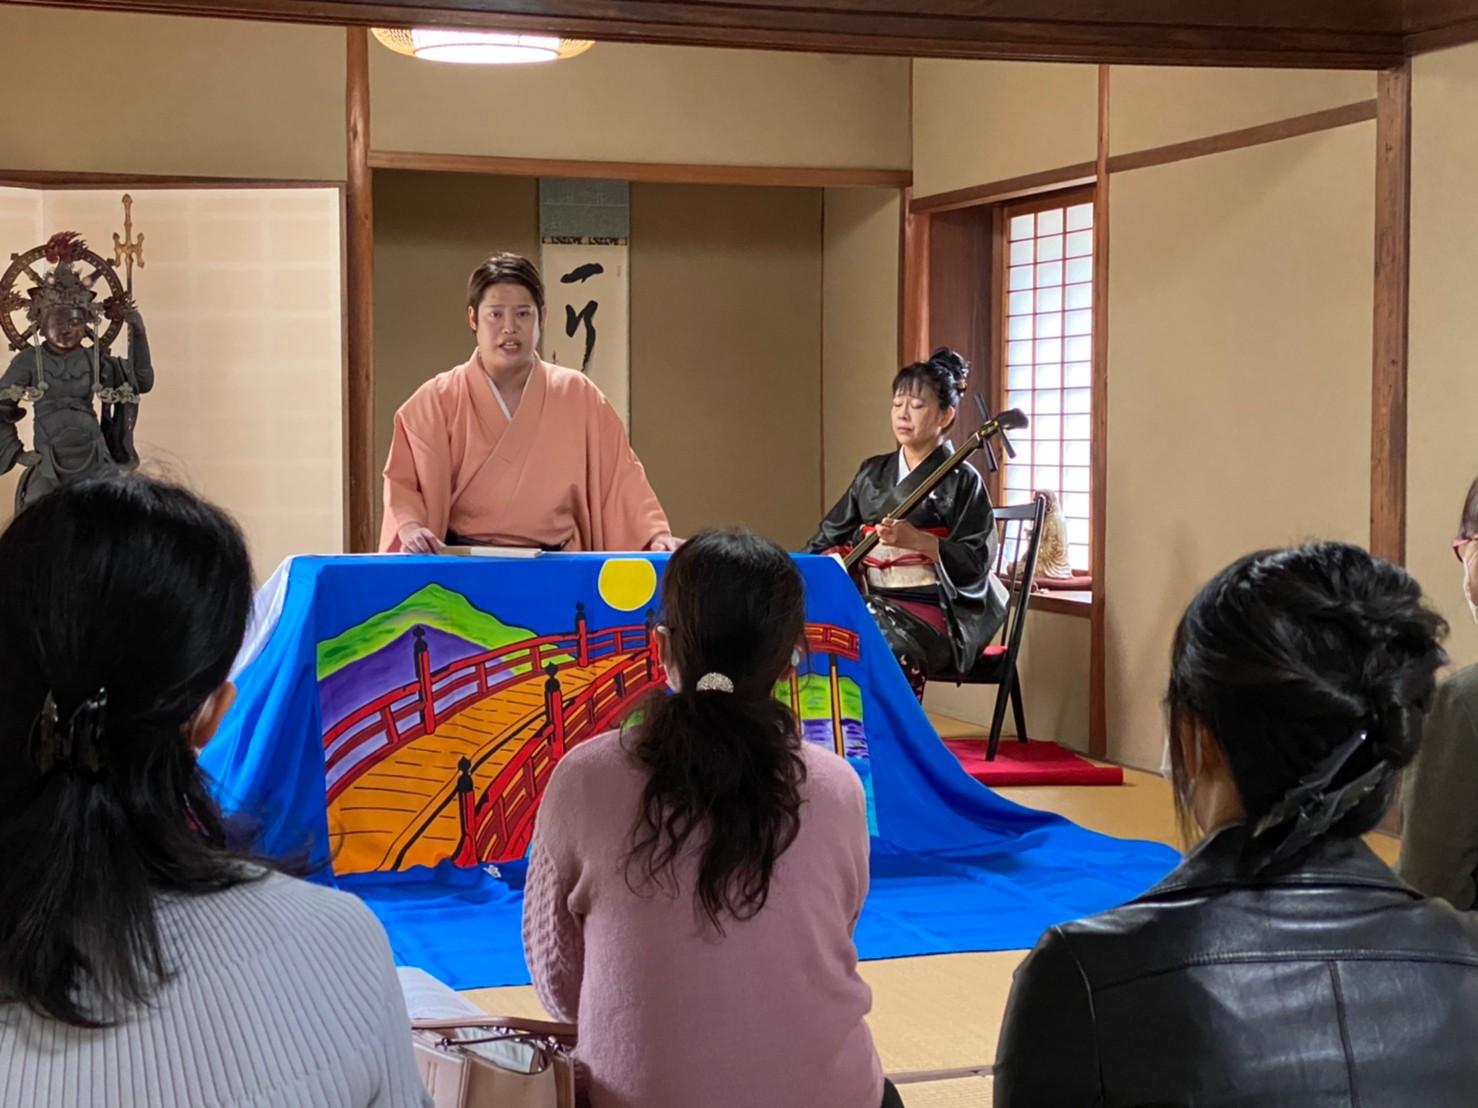 20201128伝統芸能で旅する京都 浪曲 京山幸太